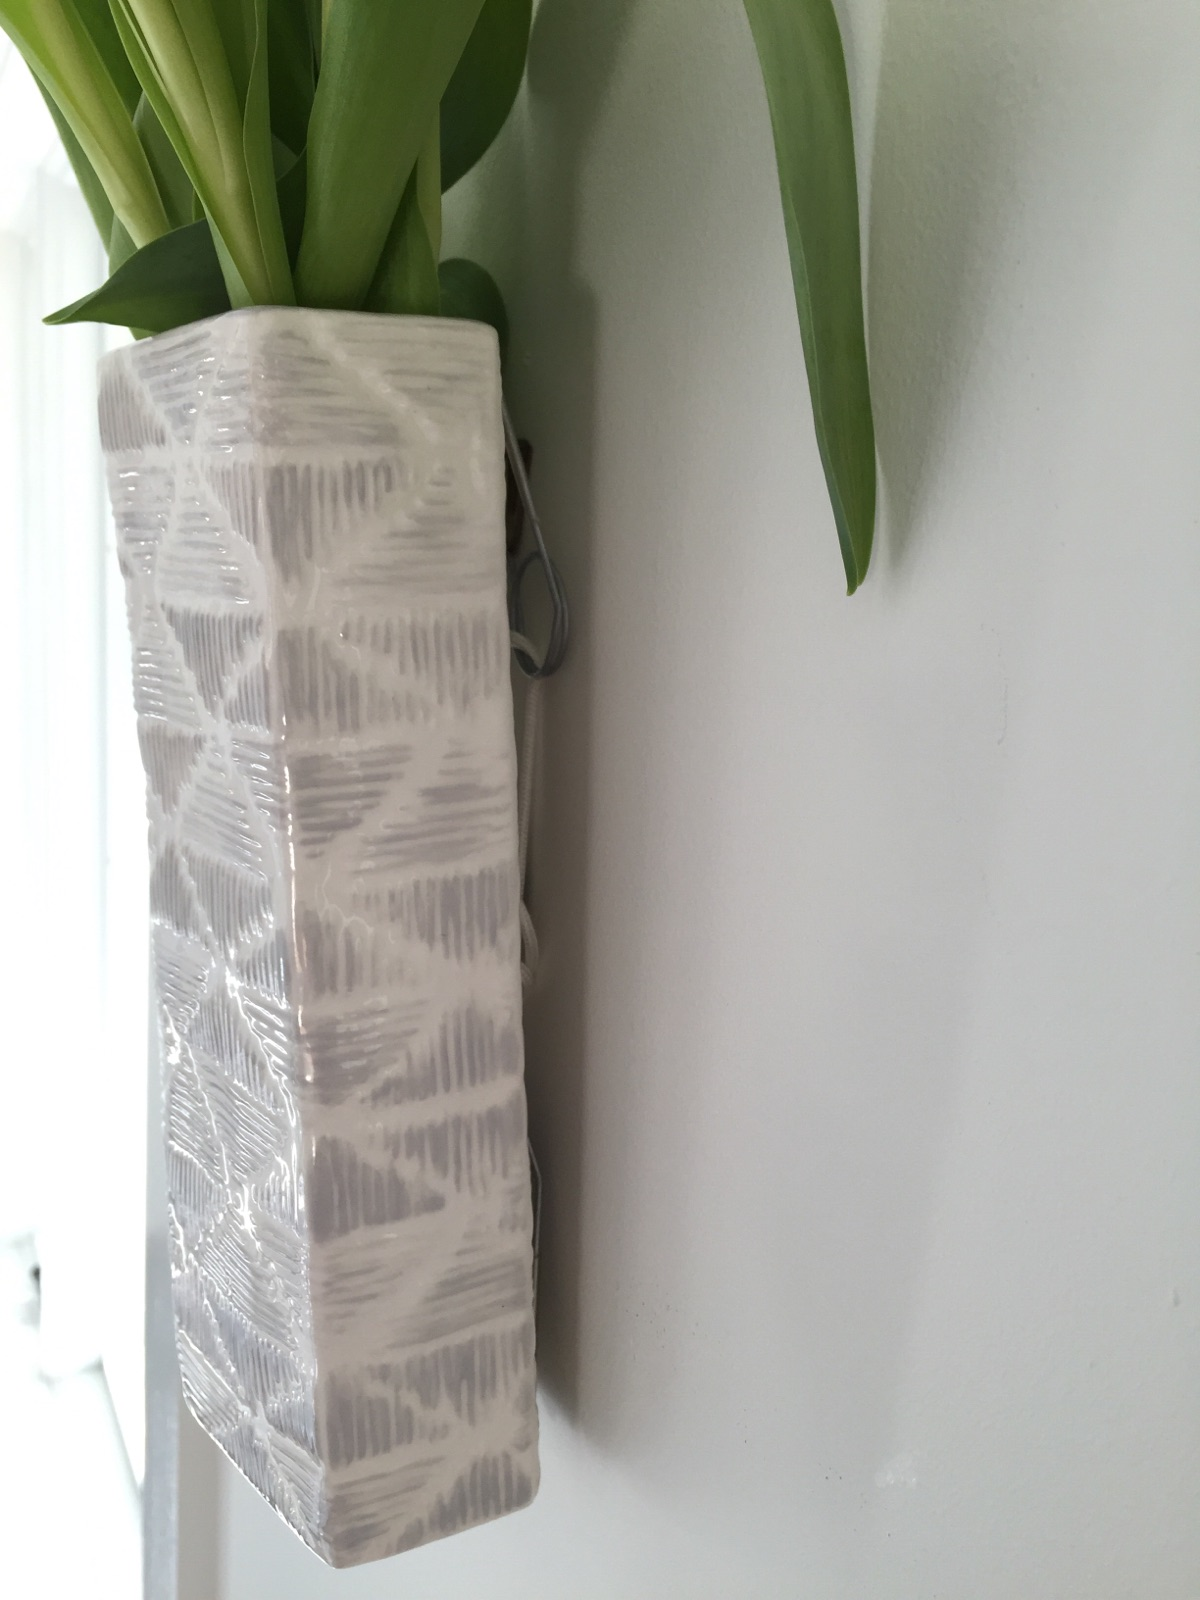 vase10.jpg